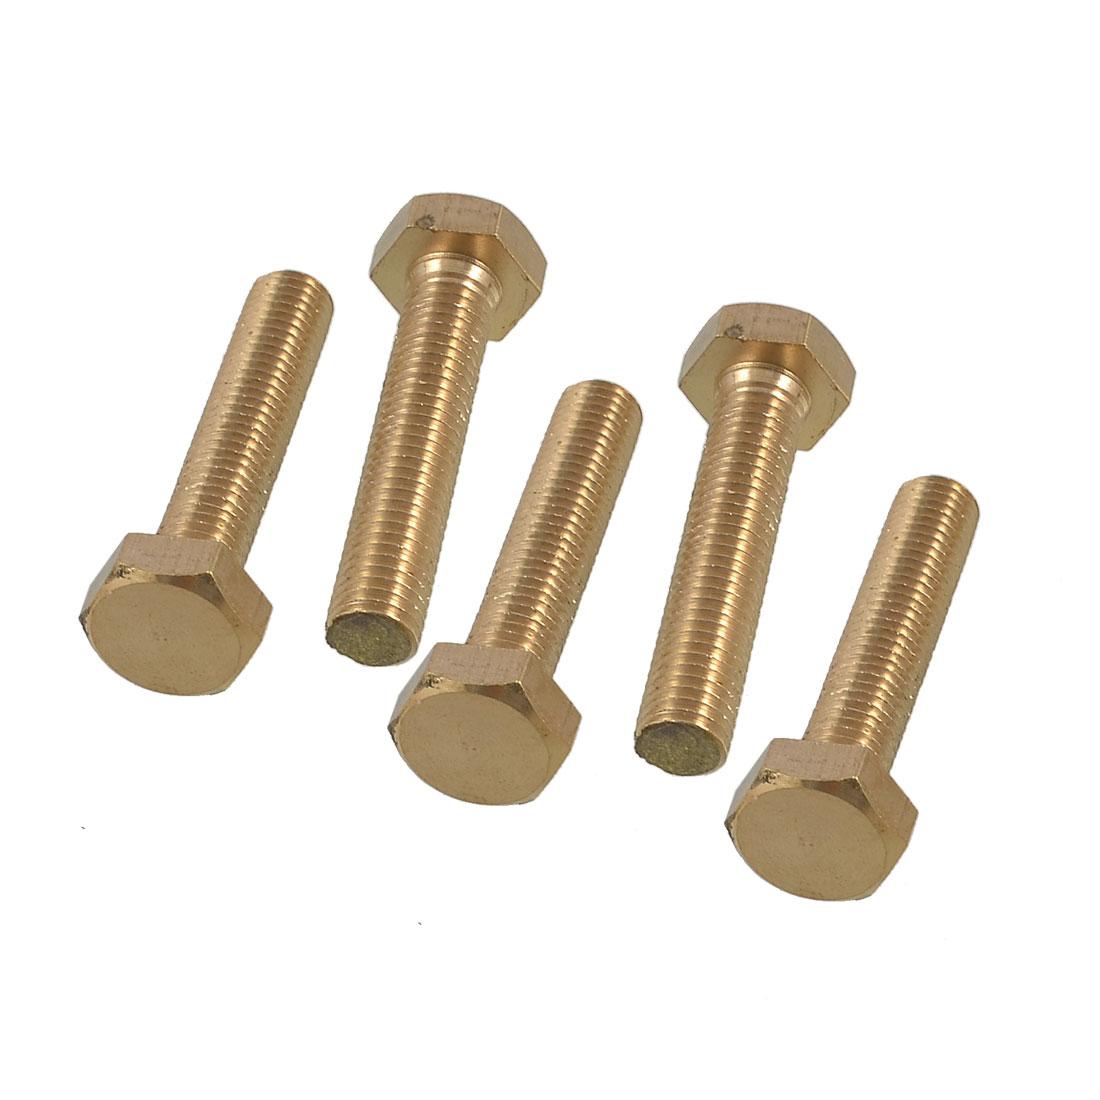 5 x Hexagonal Head 10mm x 50mm Thread Bolts Flat Tip Brass Screws